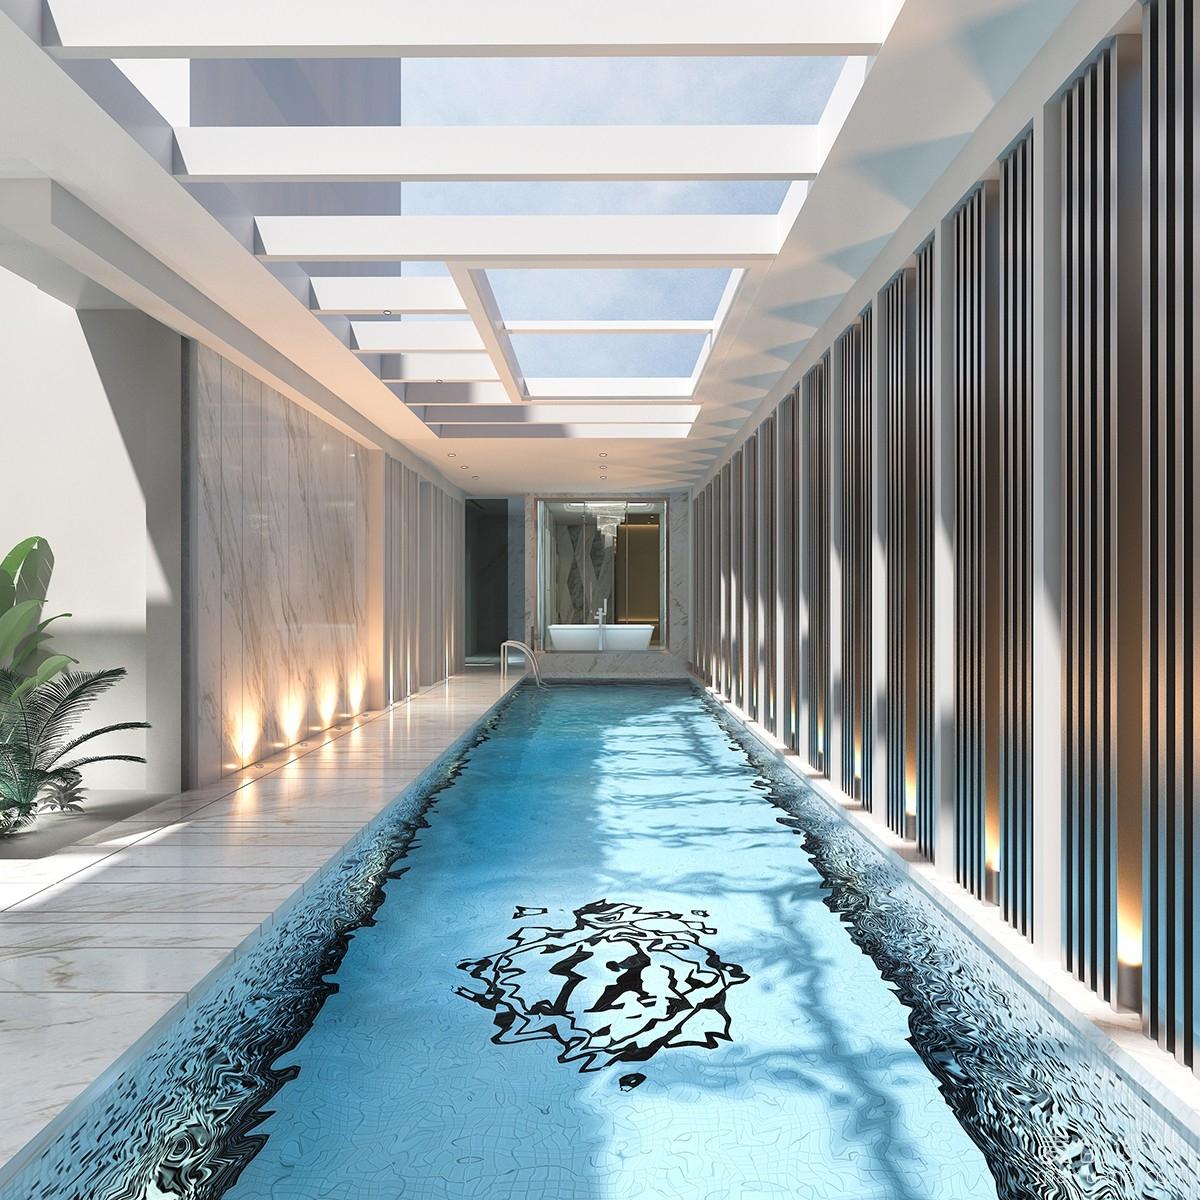 别墅室内游泳池白天效果图